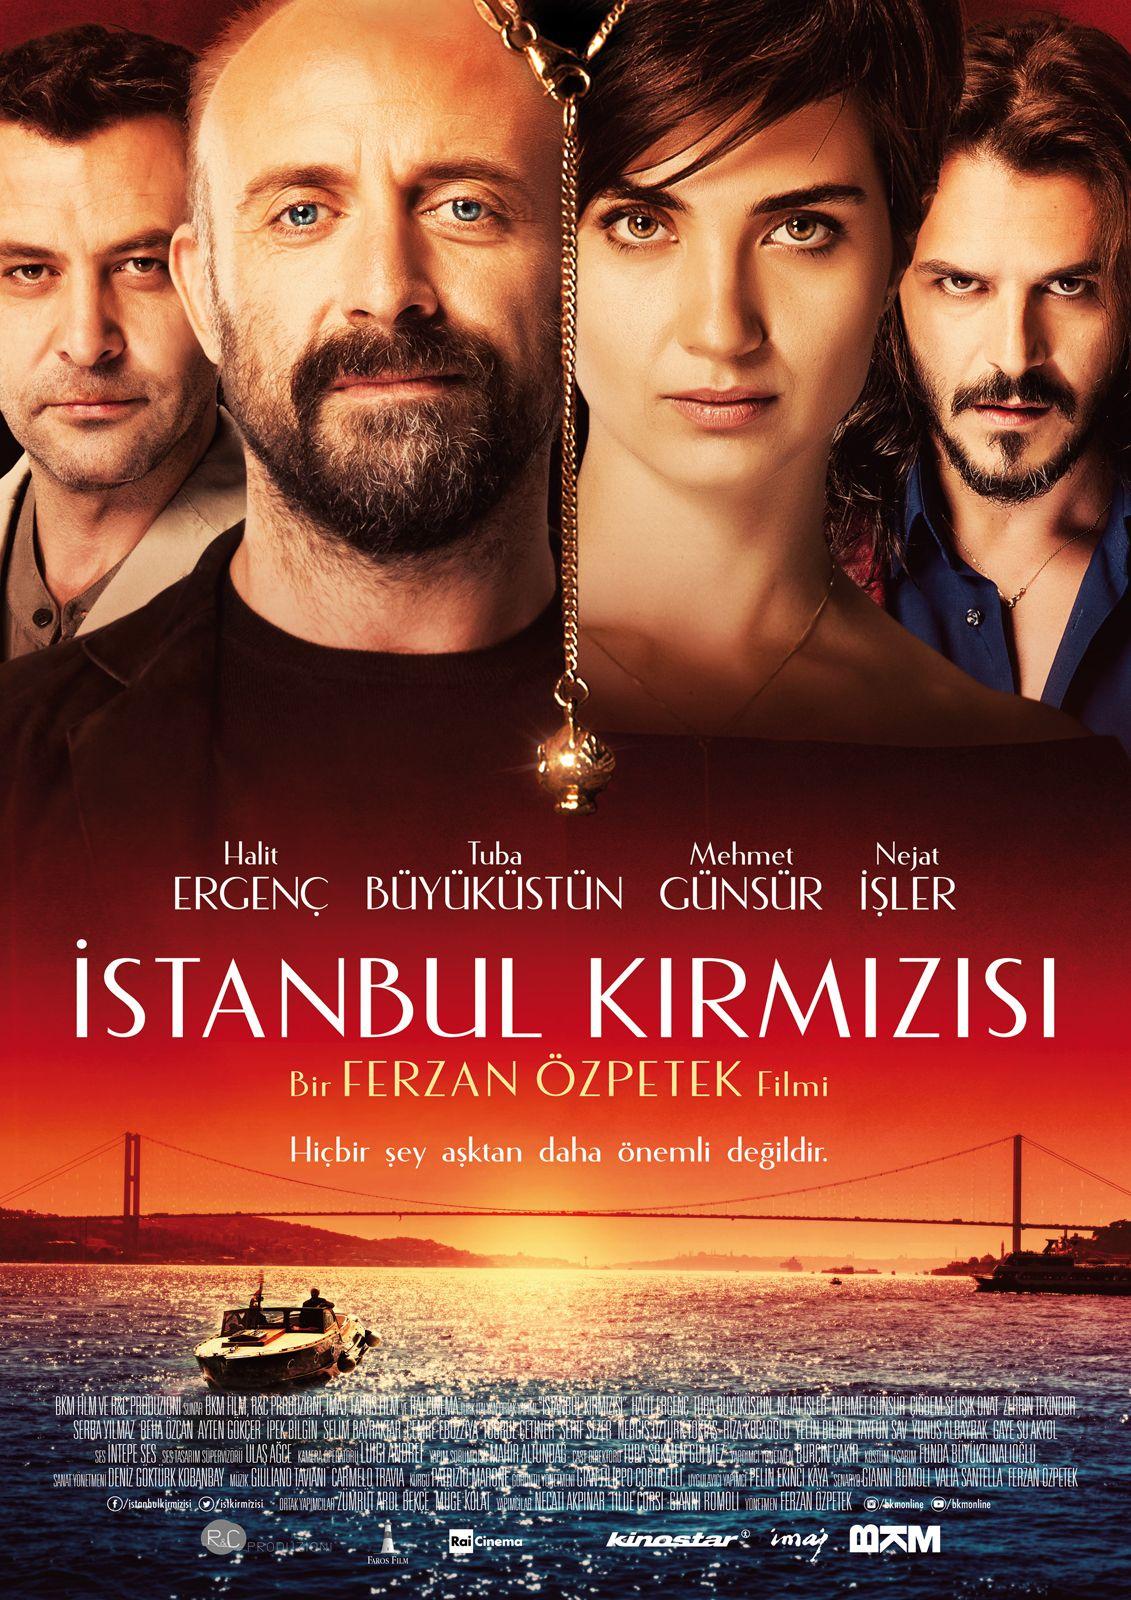 Başrolünde Halit Ergenç'in yer aldığı, dram türünde olan İstanbul Kırmızısı 3 Mart 2017'de beyazperde de gösterime girecek. Merak uyandırıcak ve sonunu tahmin etmeye çalışacağınız bir film sizi bekliyor olacak. #maximumkart #film #movie #vizyon #vizyondakifilmler #filmizle #sinema #cinema